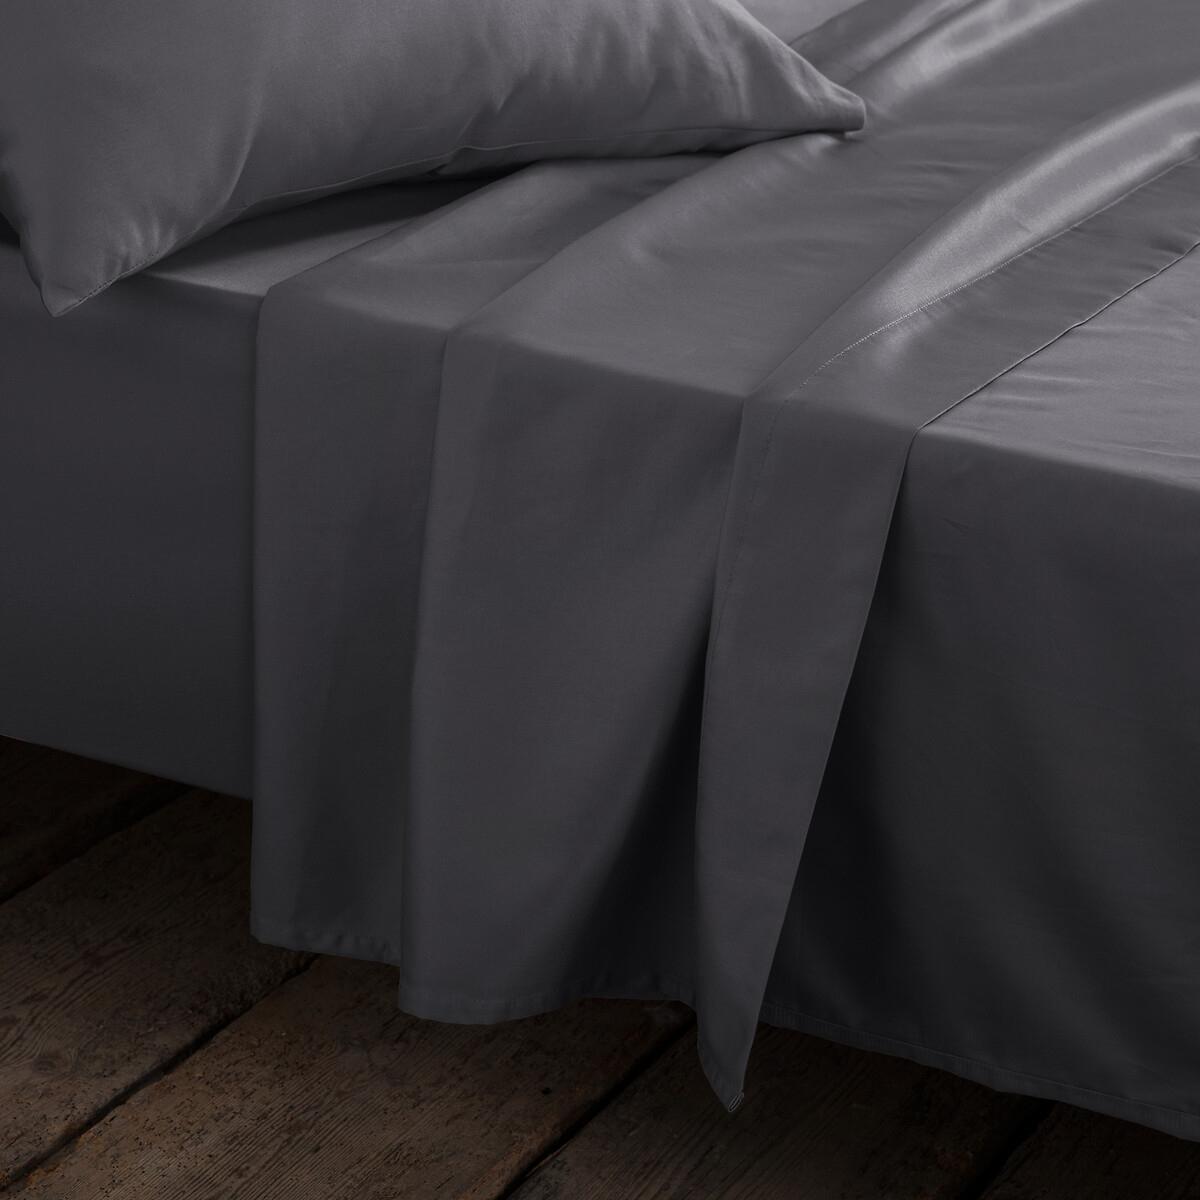 Простыня La Redoute Сатиновая 100 хлопка 180 x 290 см серый